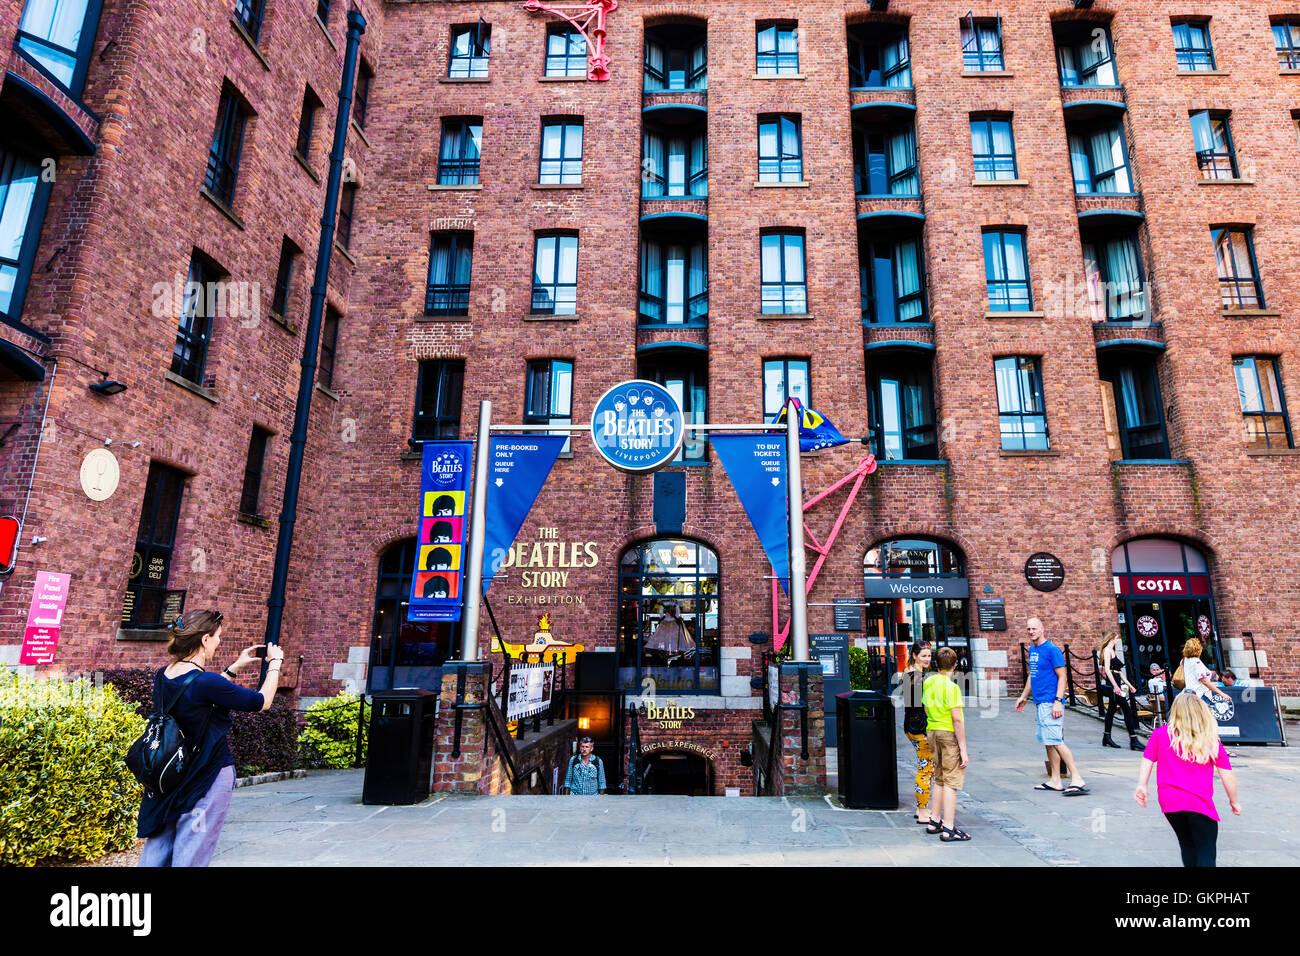 Die Beatles Story ist eine Besucherattraktion der 1960er-Jahre-Rock-Gruppe The Beatles in Liverpool gewidmet. Stockbild